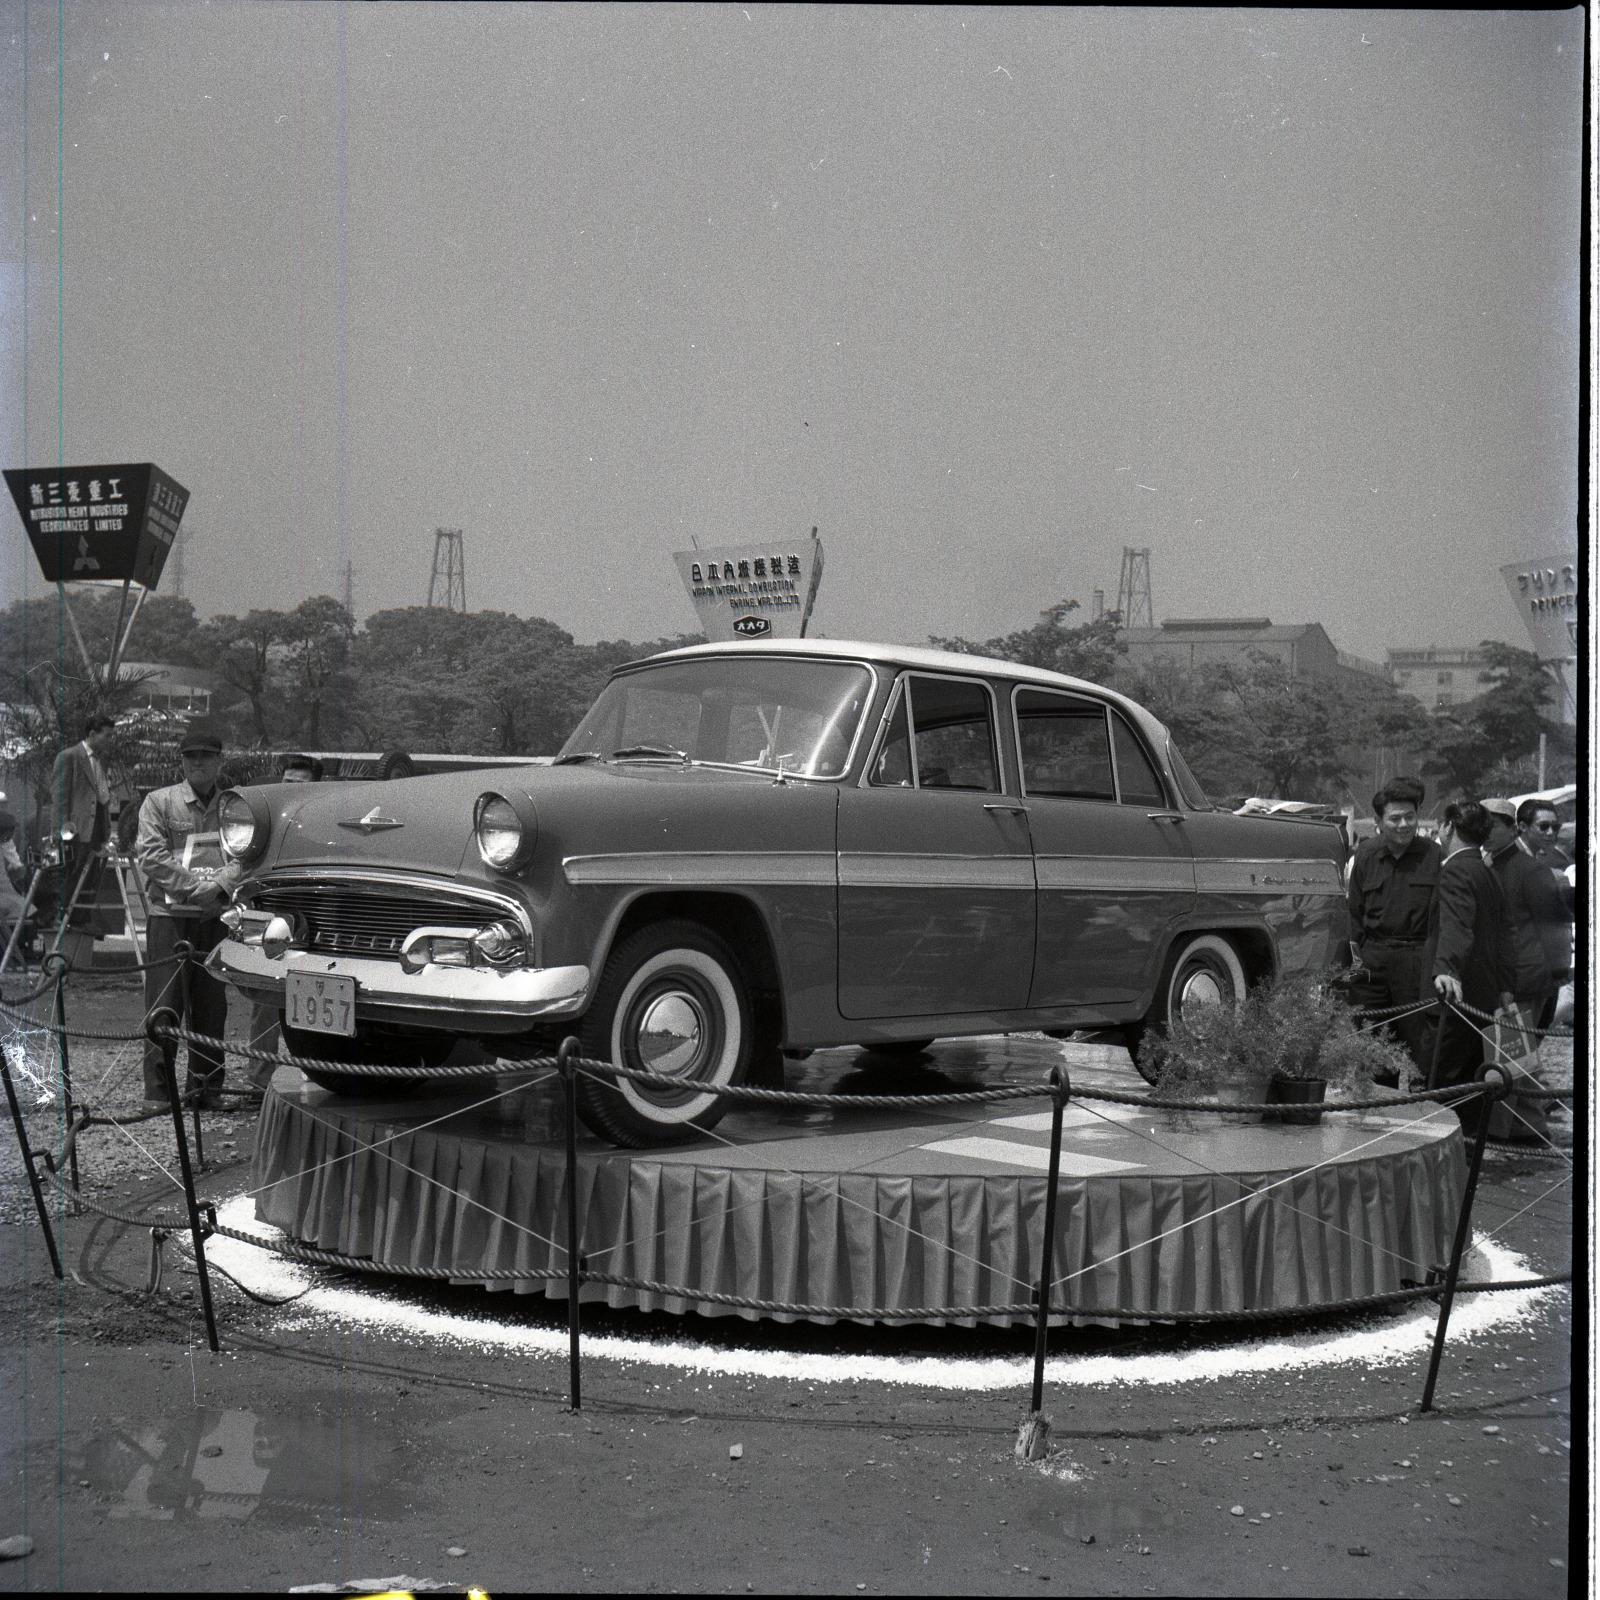 「マツダ初の乗用車「R360」と「キャロル」【マツダ100年史・第9回・第3章 その2】」の3枚目の画像